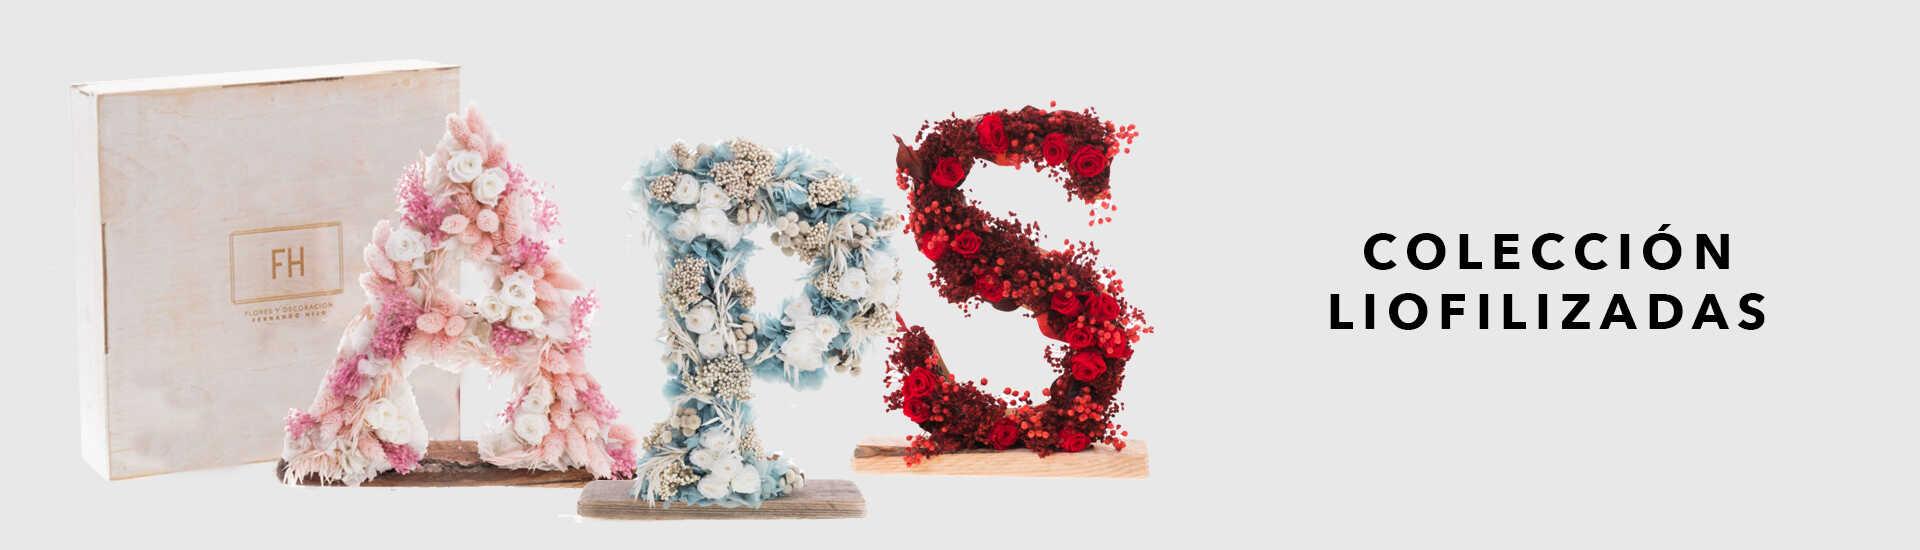 fh-floristería-letras-liofilizadas-flores-preservdas_optimized